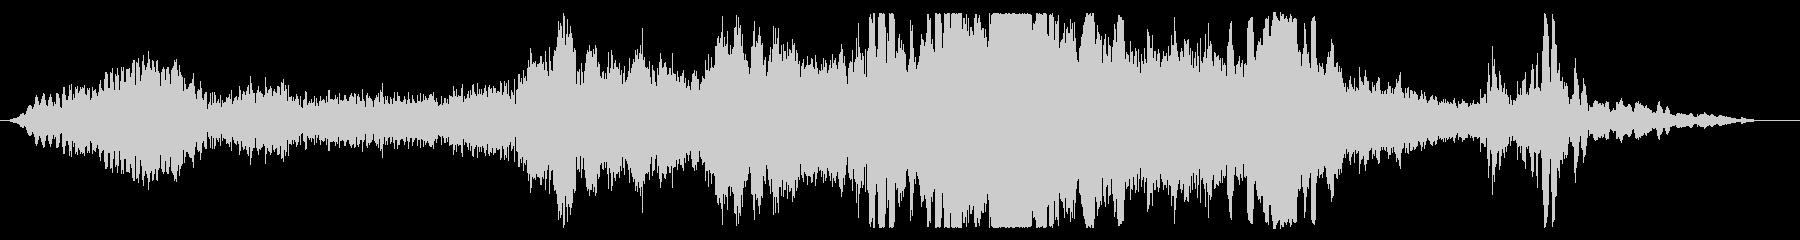 デーモンライジングスクリームの未再生の波形